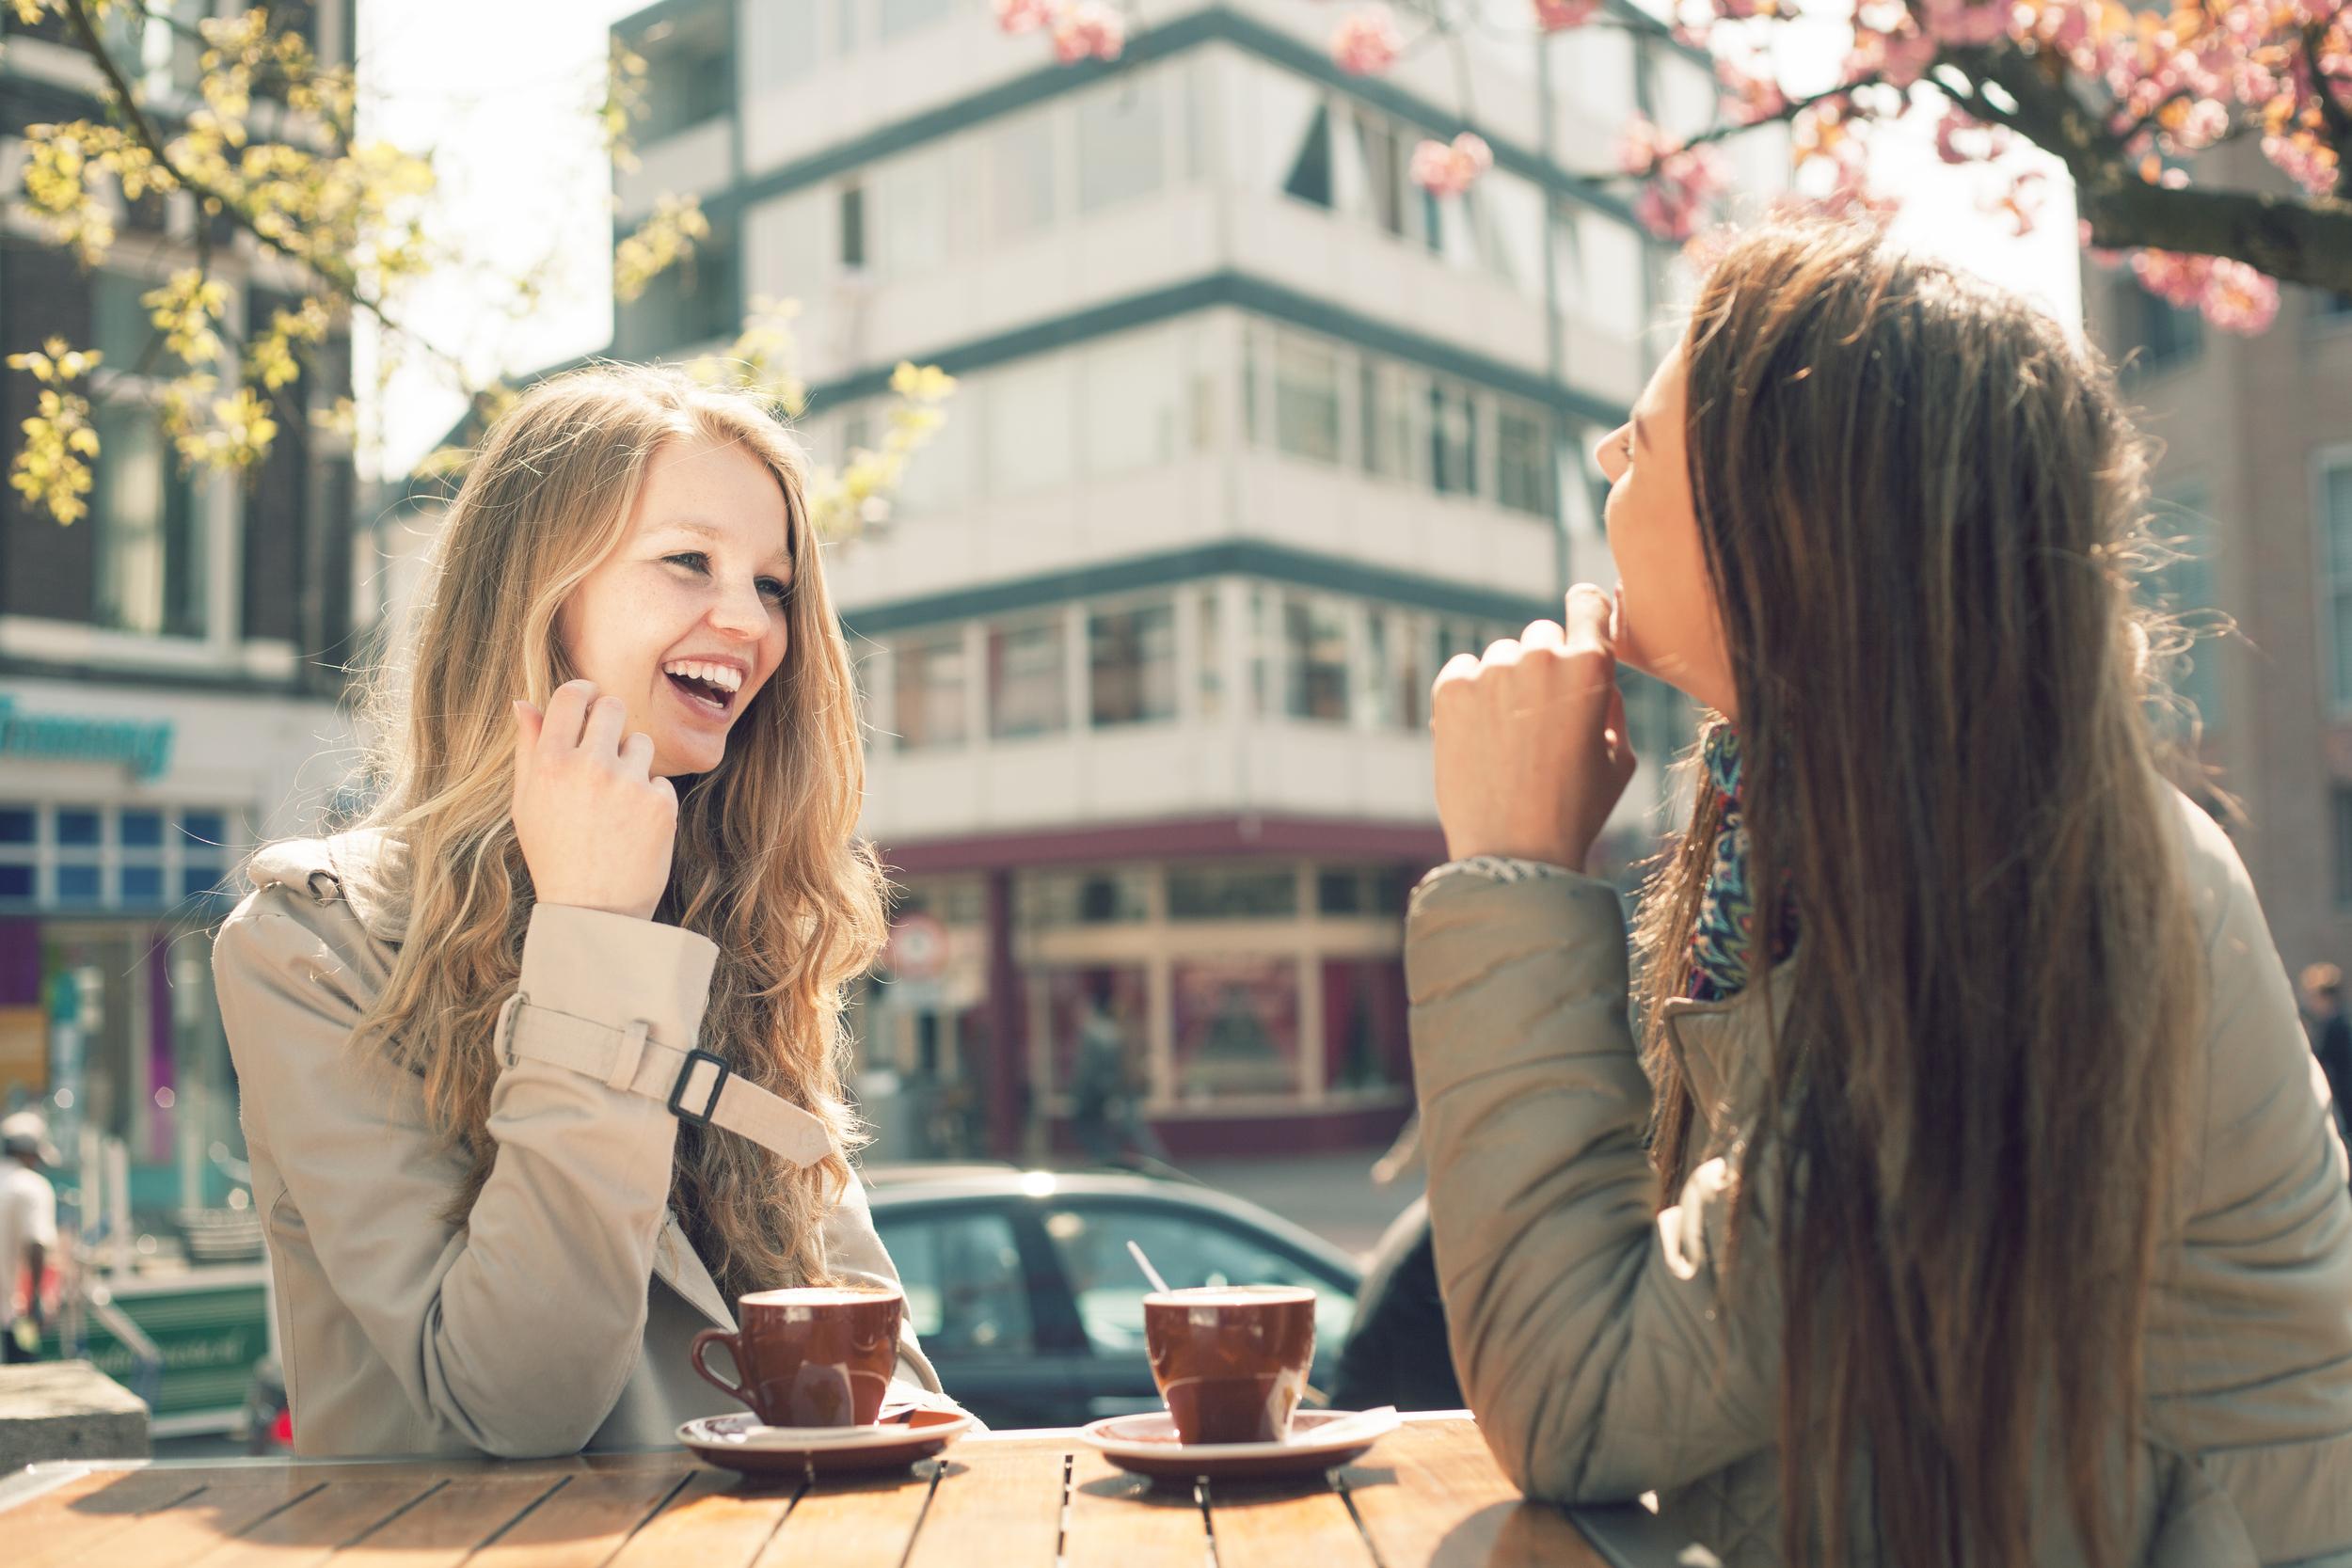 bigstock-Two-Women-In-A-Cafe-45858904.jpg